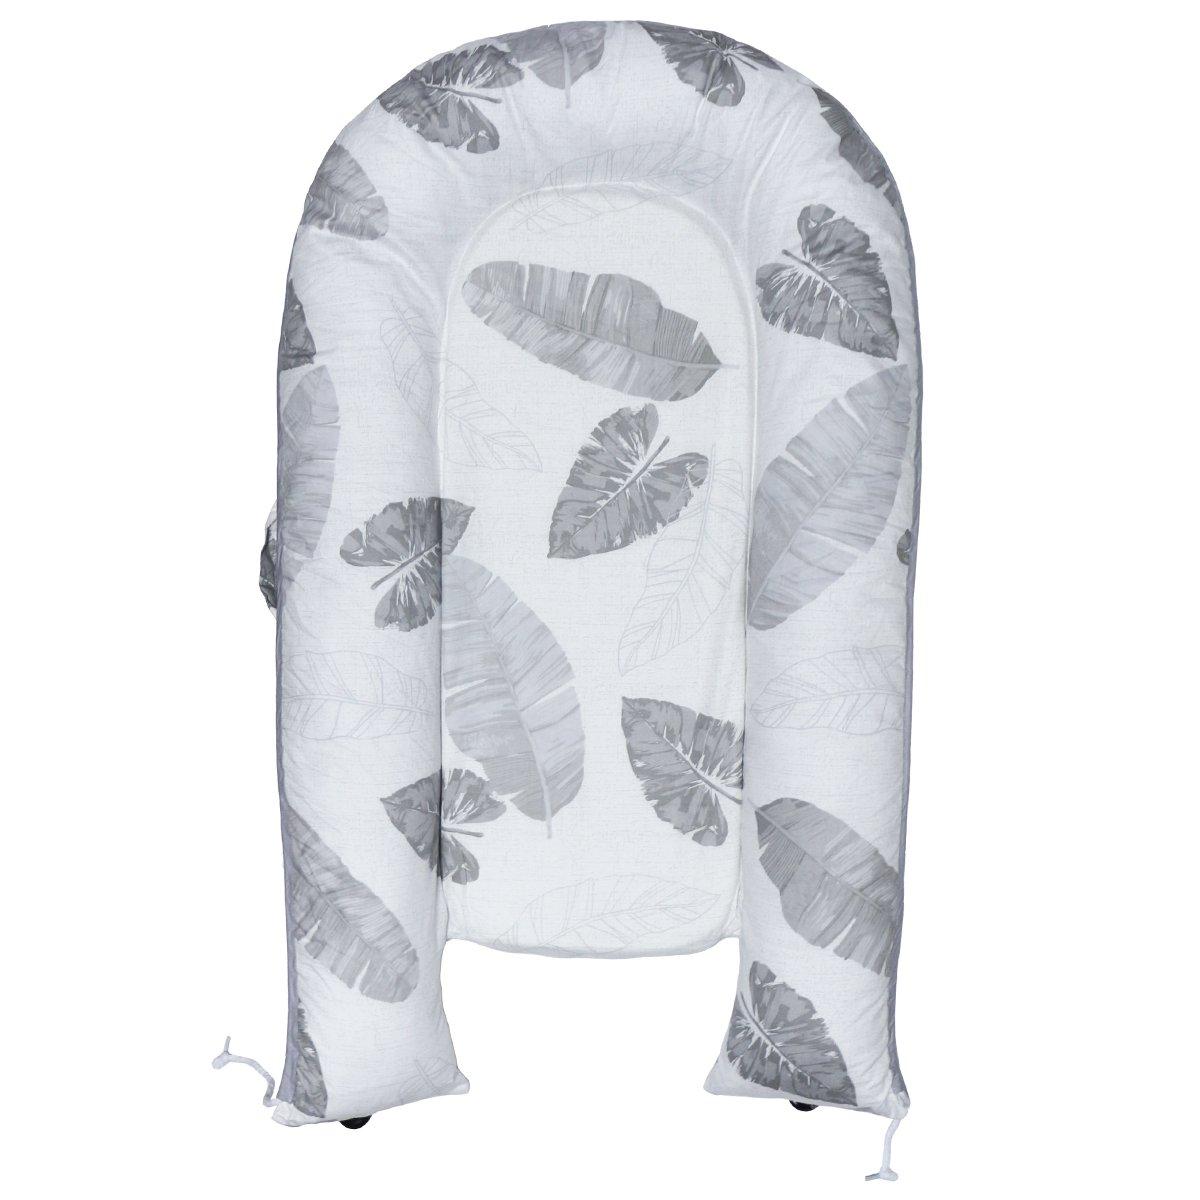 Hisprout dormir de bebe 0-6 meses pod nido desmontable lavable reversible Cocoon Corralito la cama cuna de viaje (Leaf)